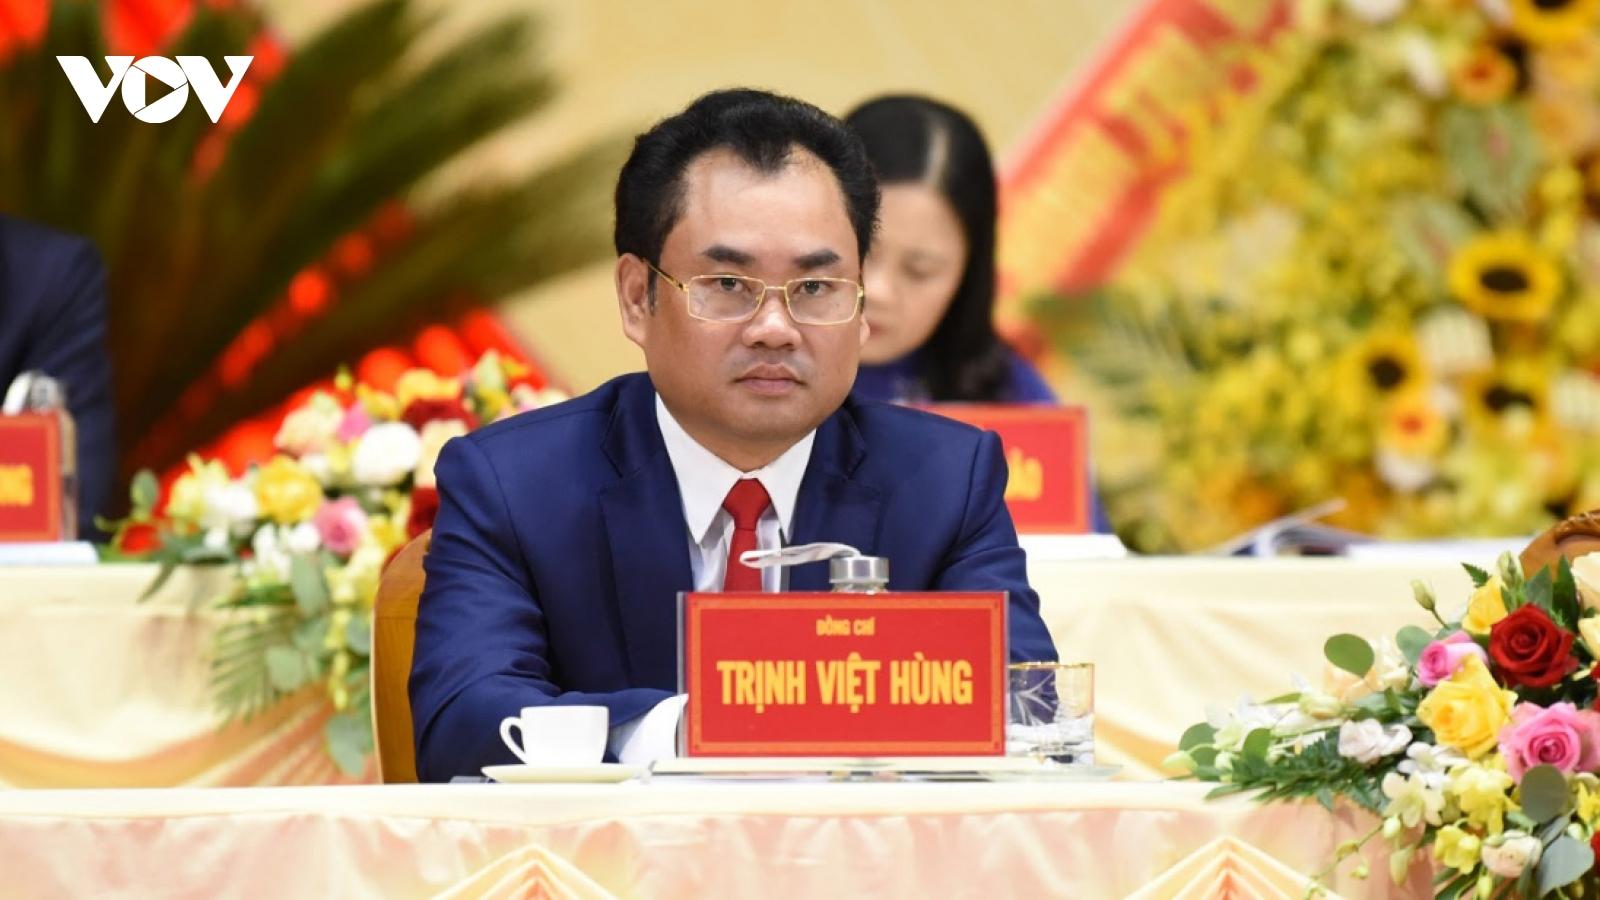 Ông Trịnh Việt Hùng tiếp tục được bầu giữ chức Chủ tịch tỉnh Thái Nguyên